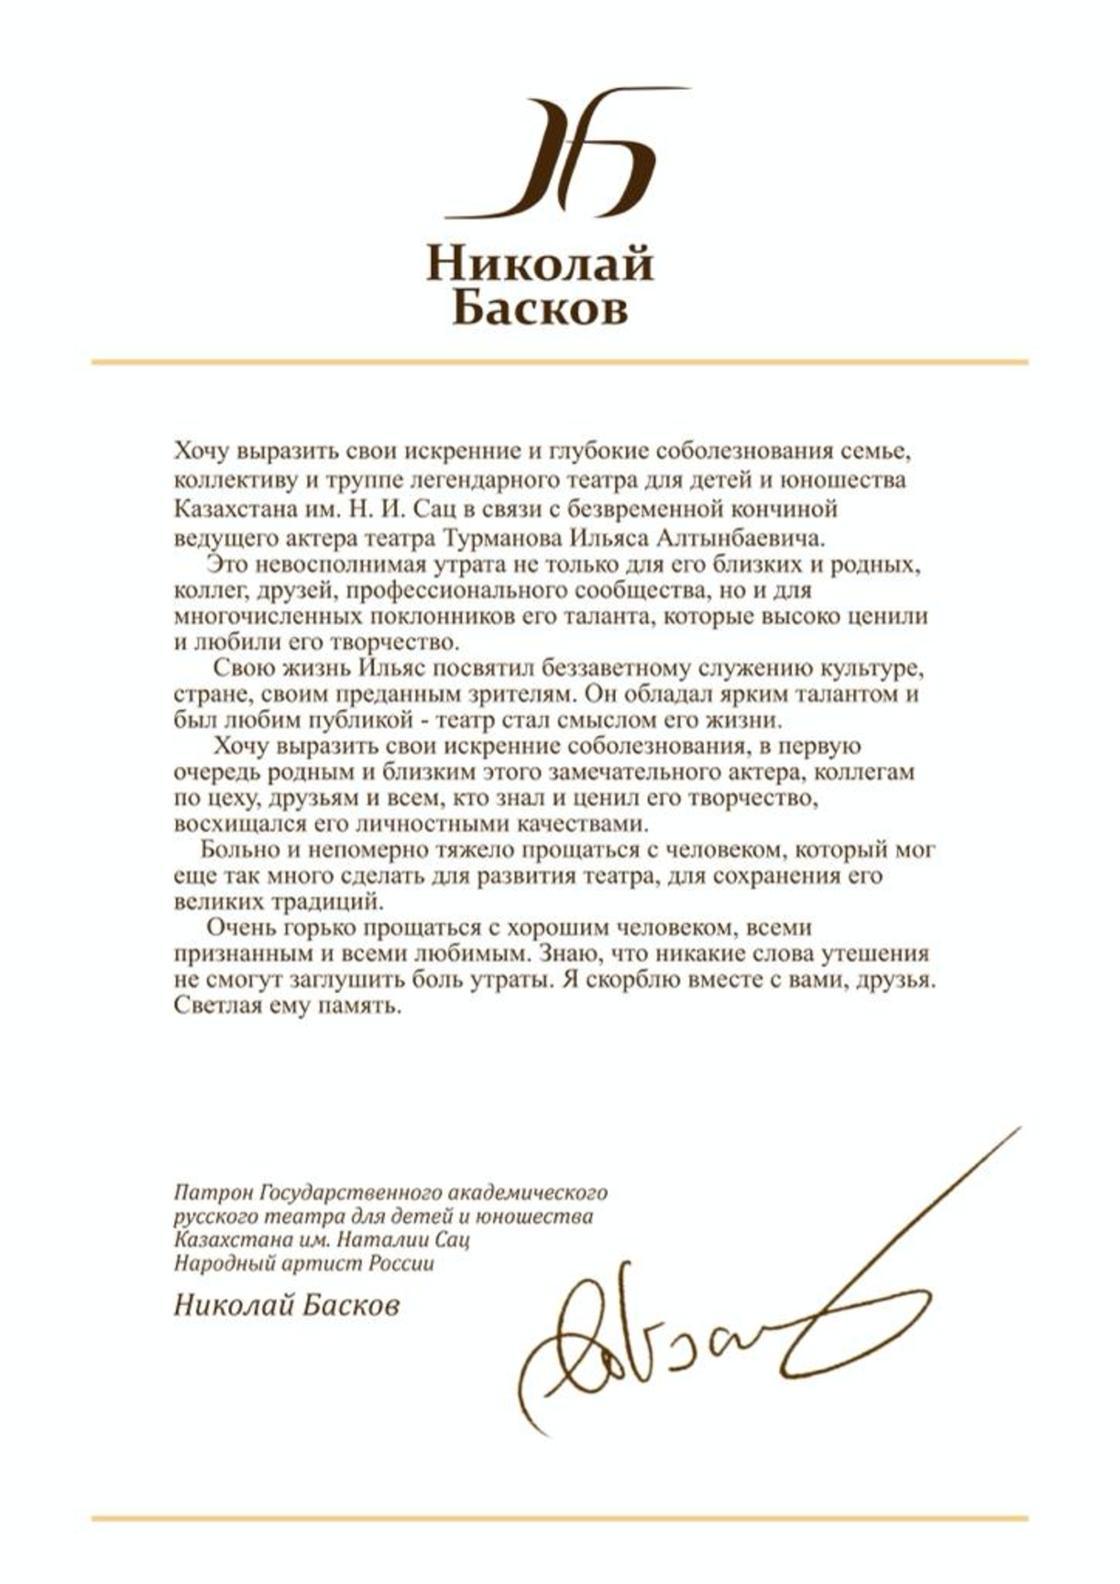 Письмо Николая Баскова